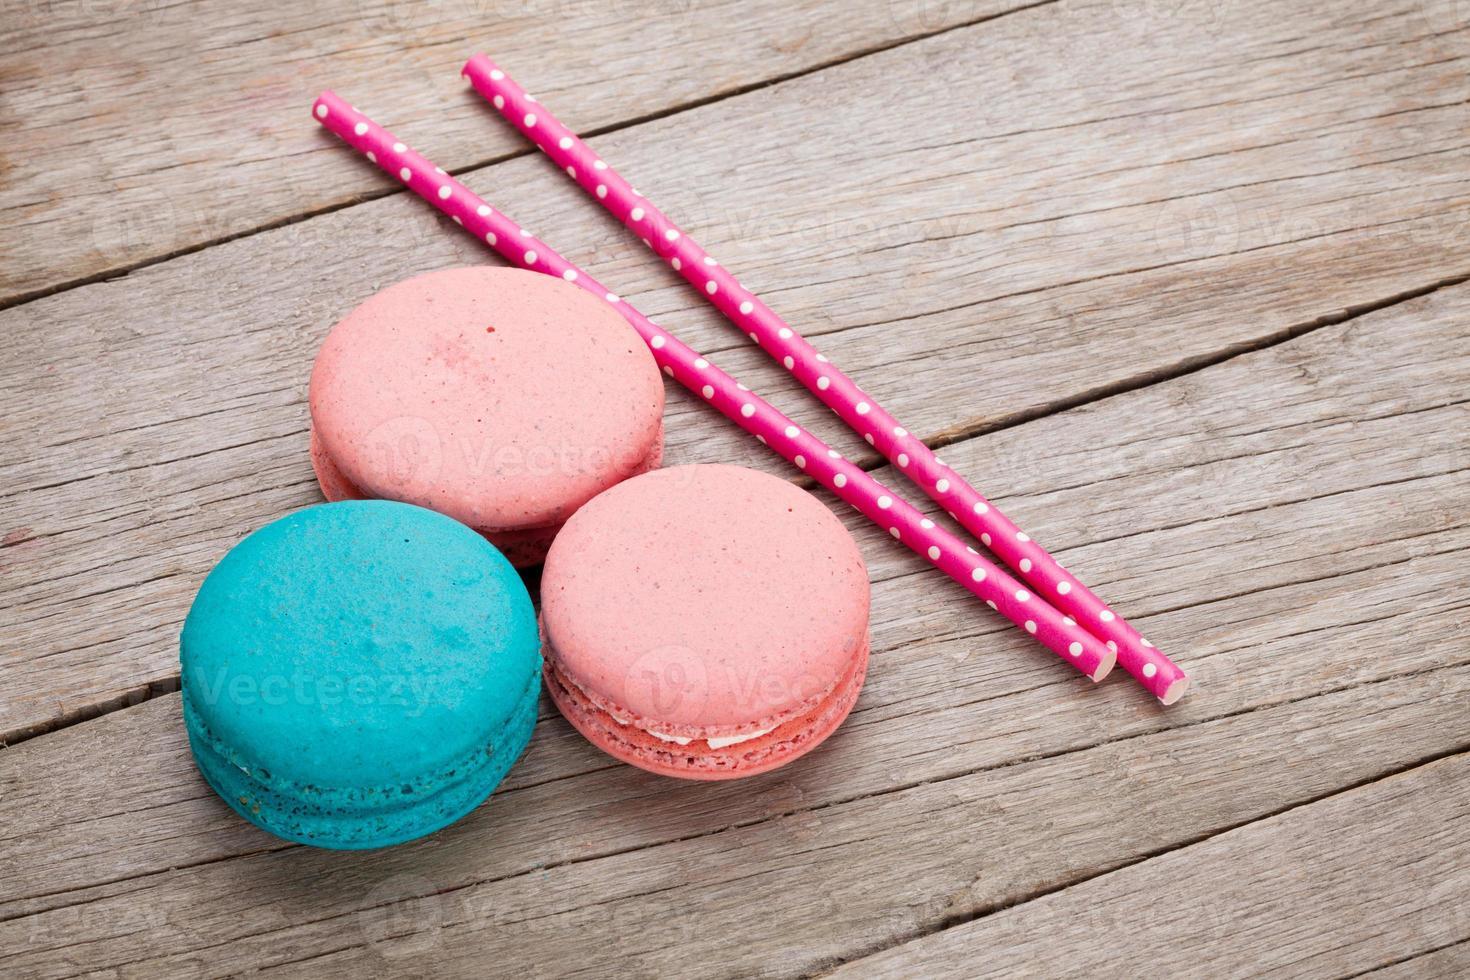 galletas macaron de colores foto